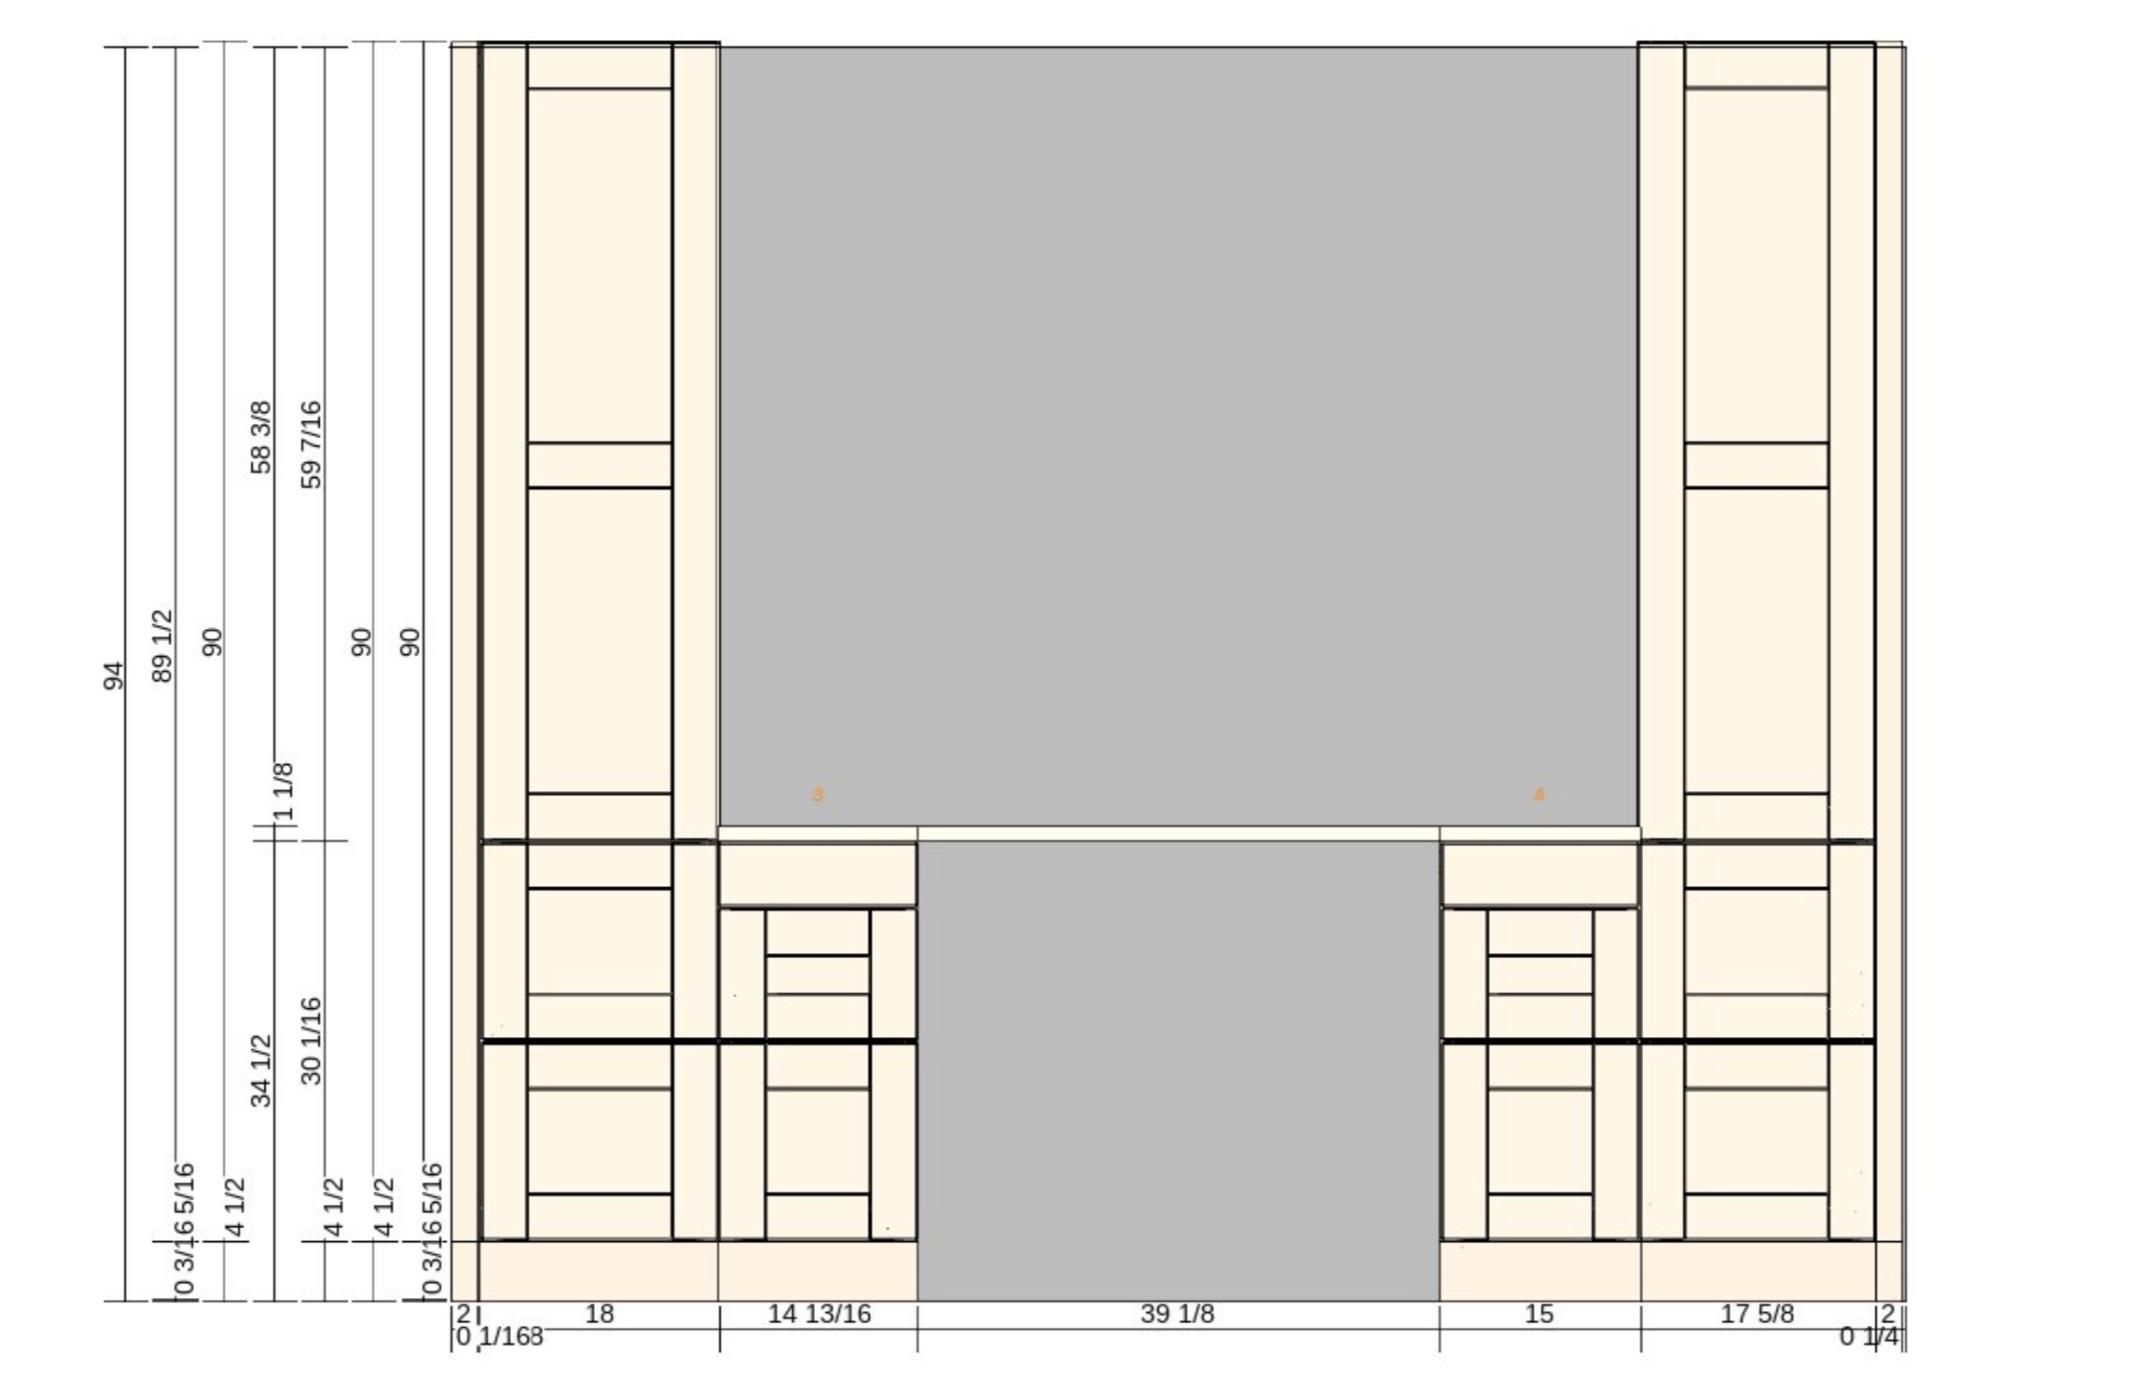 ikea sektion cabinet desk design mockup blueprint